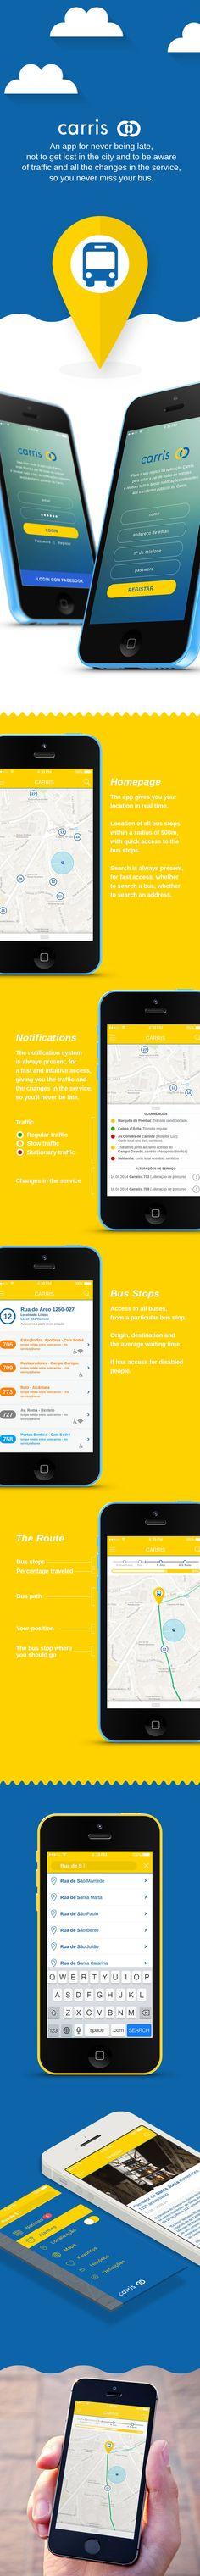 Daily Mobile UI Design Inspiration #344